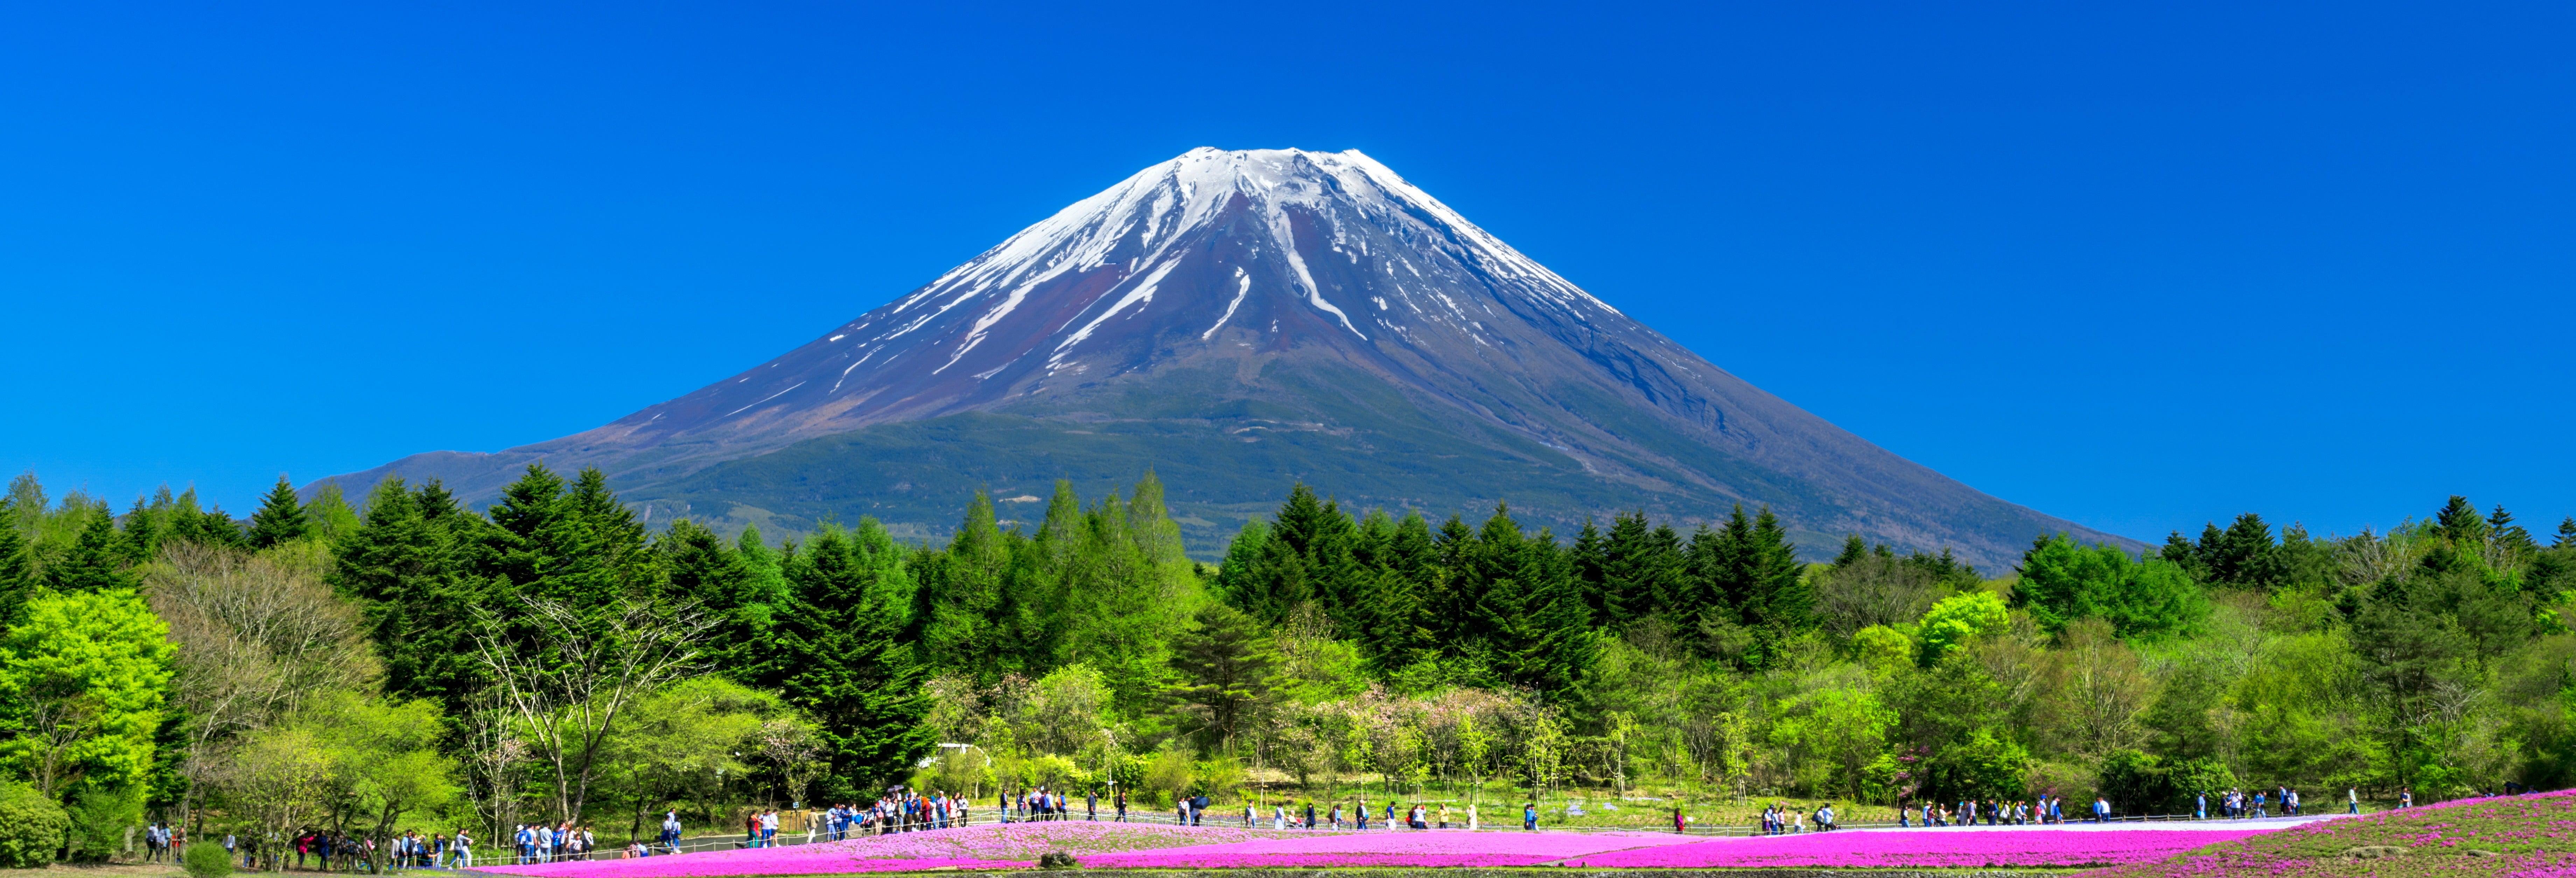 Mount Fuji & Fruit Picking Day Trip